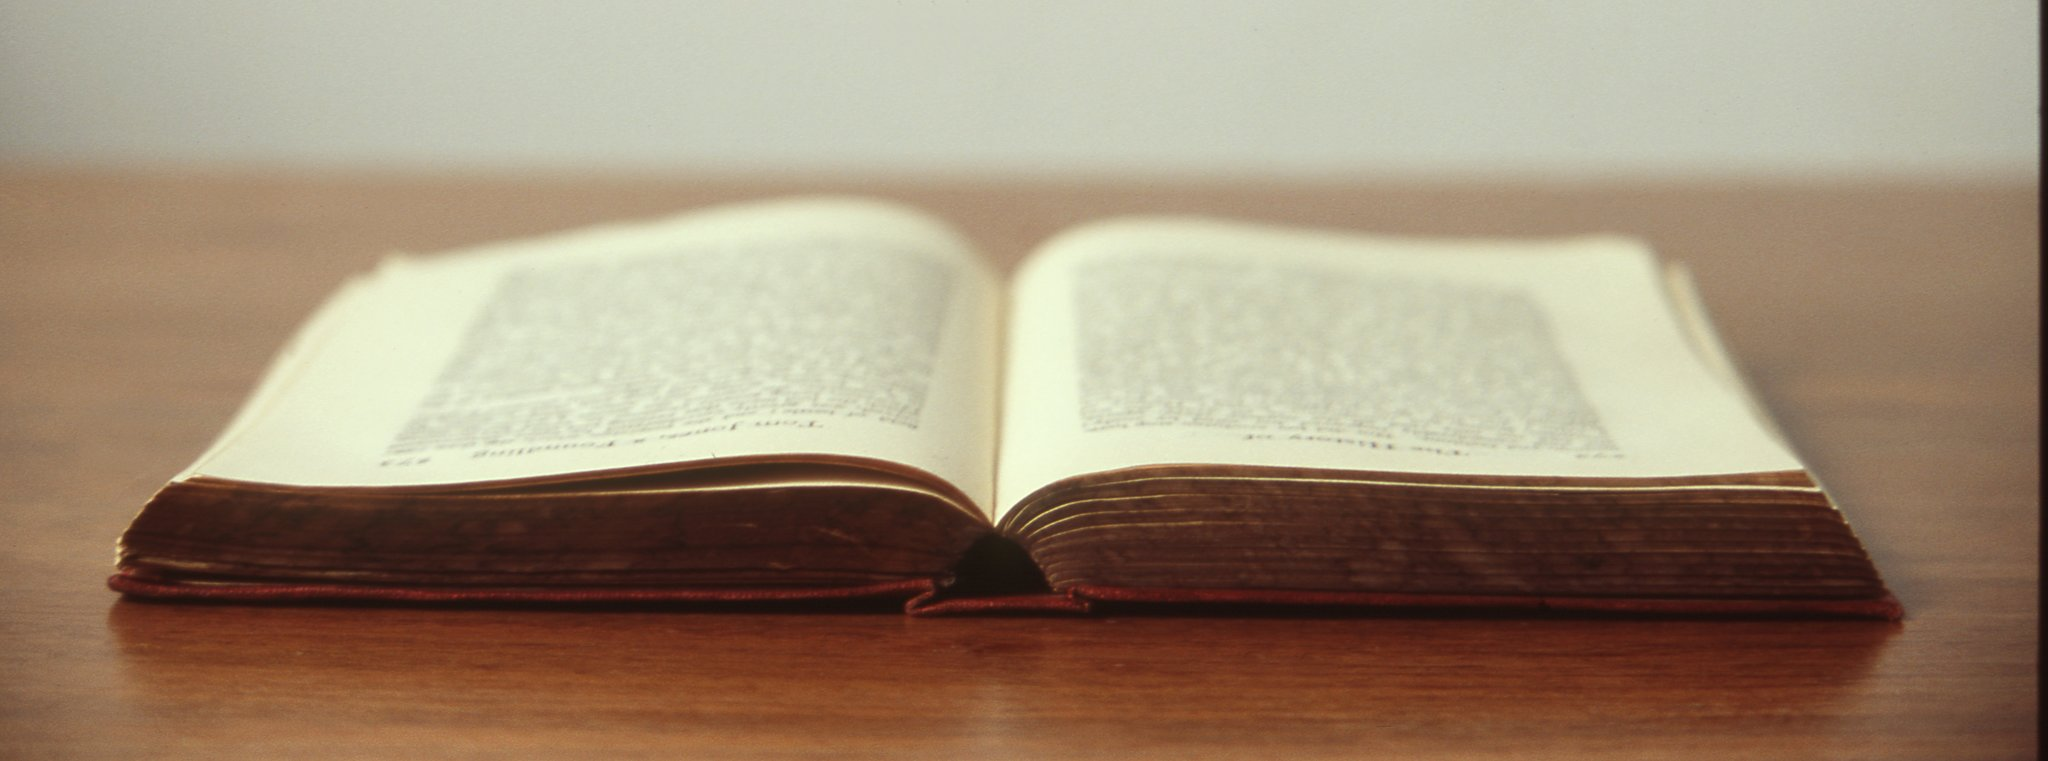 Stara książka Źródło: licencja: CC 0.